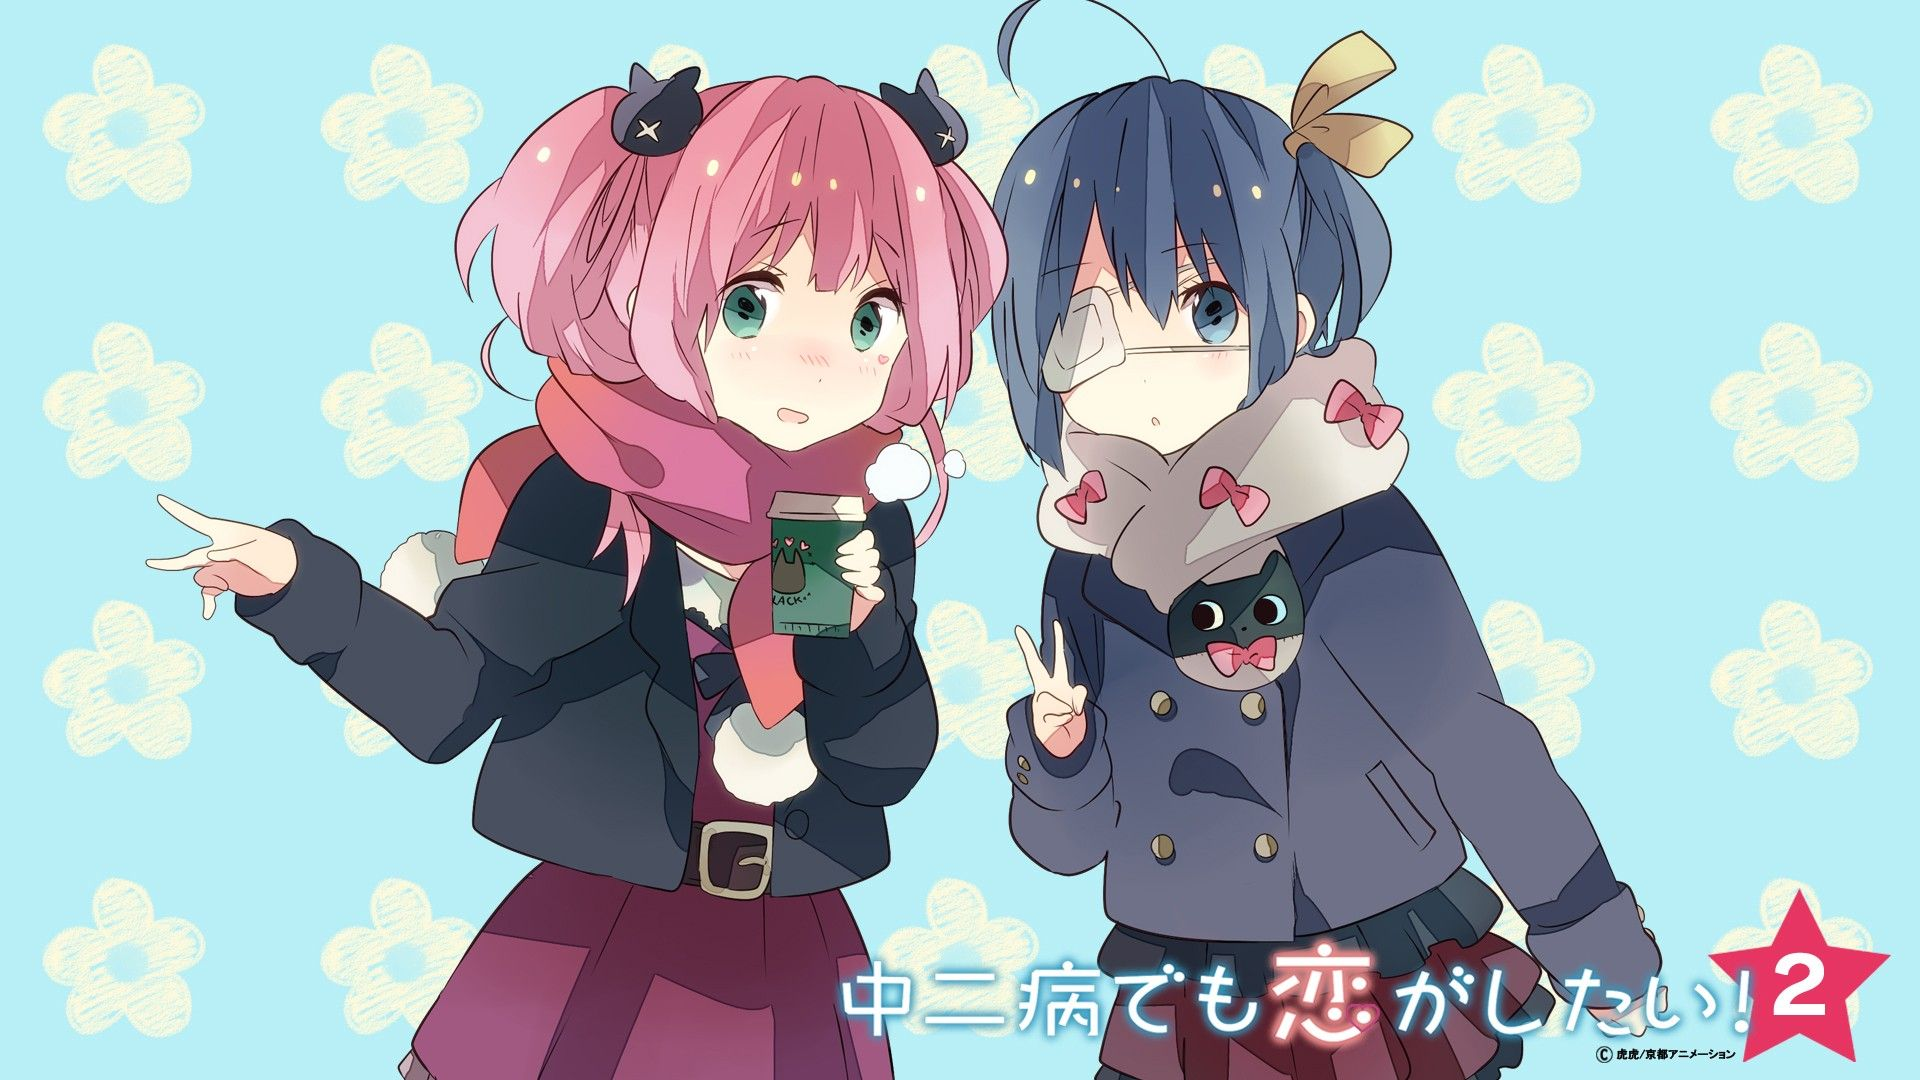 Love Chunibyo Other Delusions Computer Wallpapers Desktop Backgrounds 1920x1080 Id 655088 Anime Chunibyō Demo Koi Ga Shitai Anime Christmas